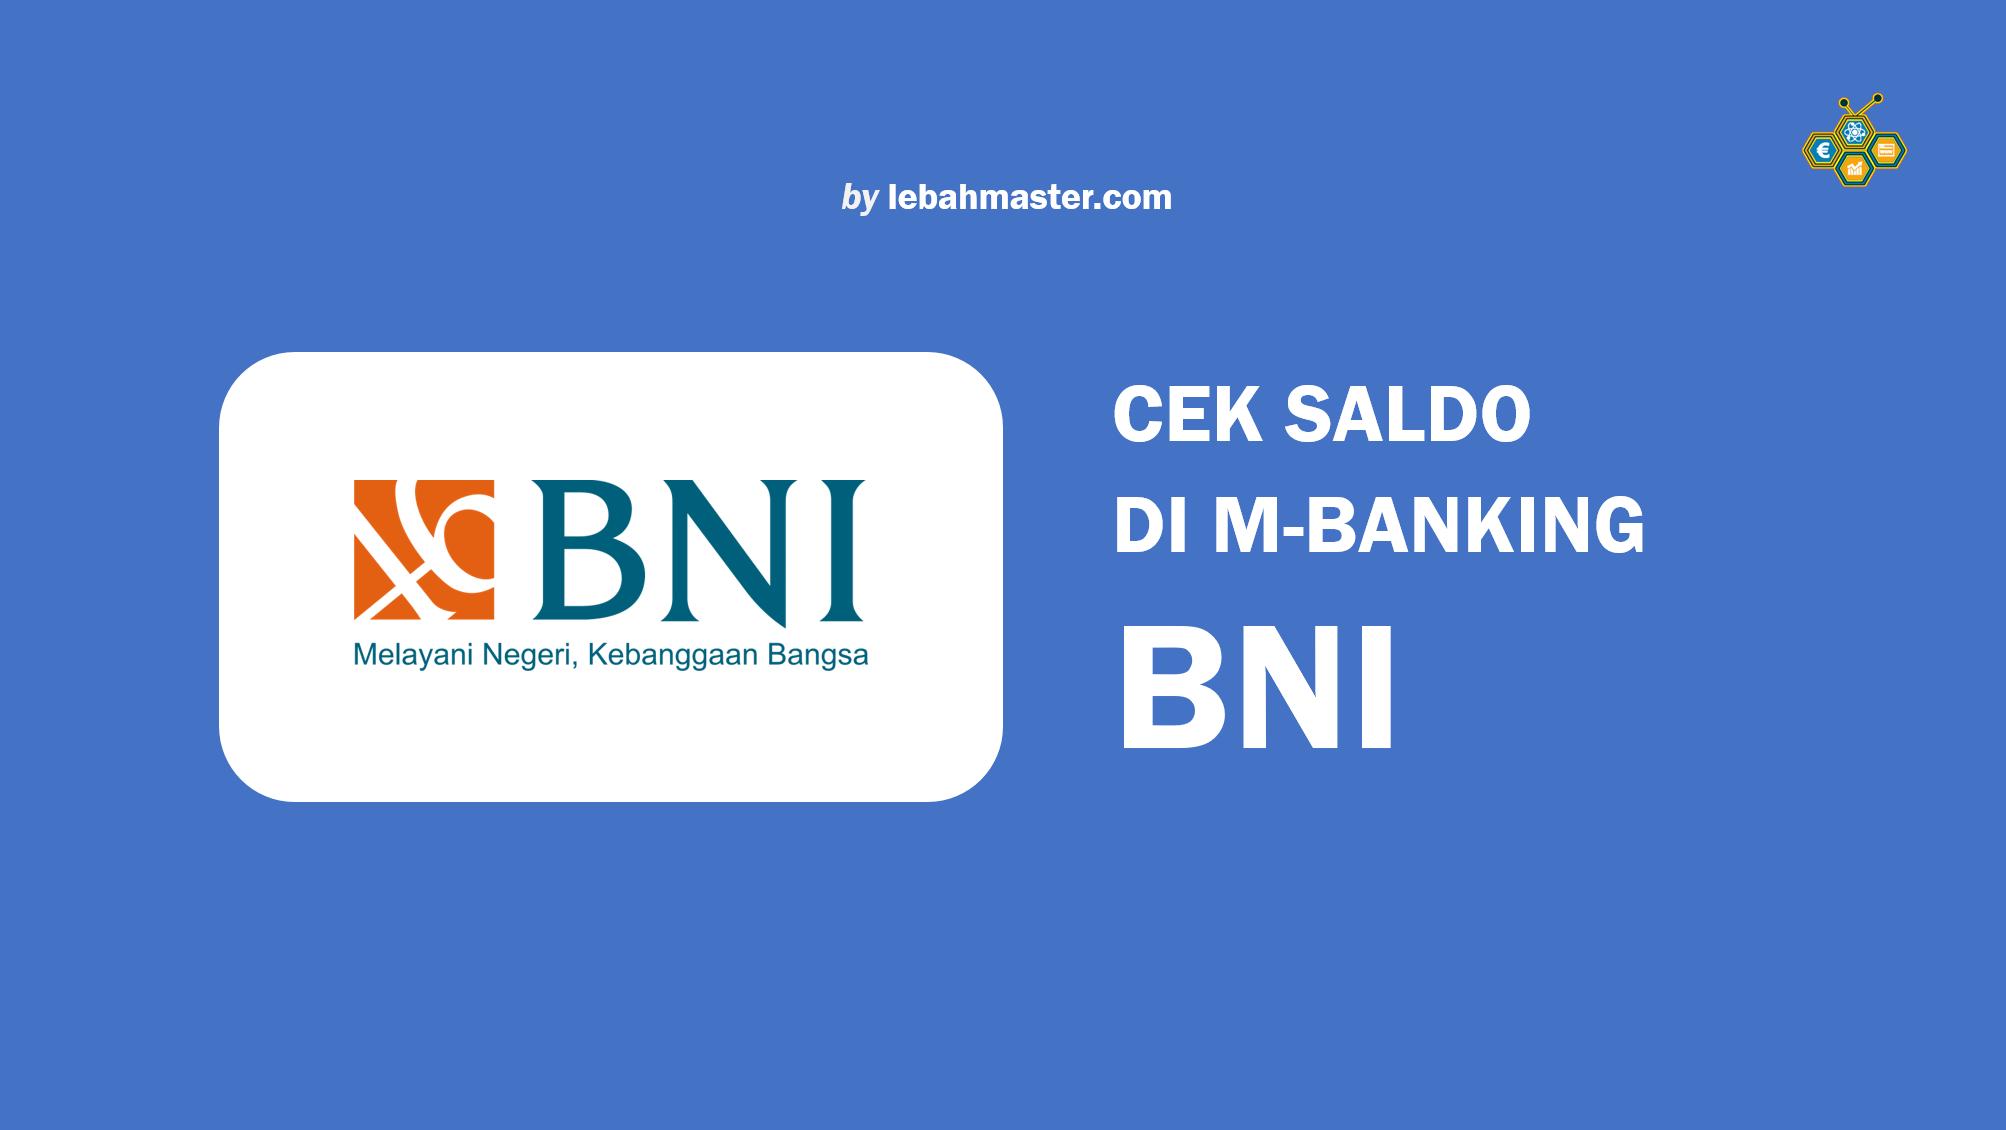 Cara Cek Saldo m-Banking BNI